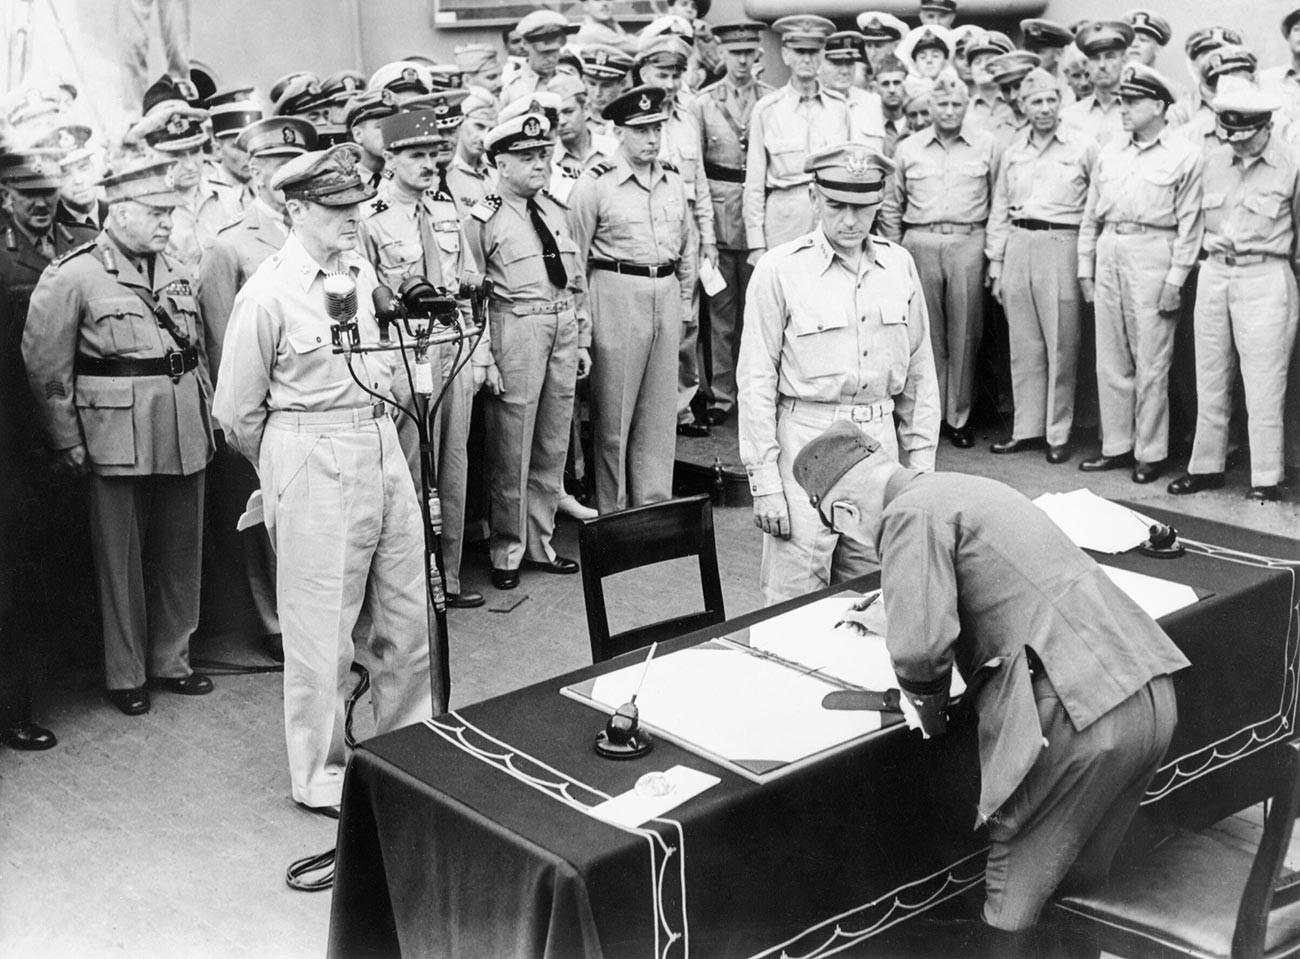 Подписание акта о капитуляции Японии 2 сентября 1945 года.